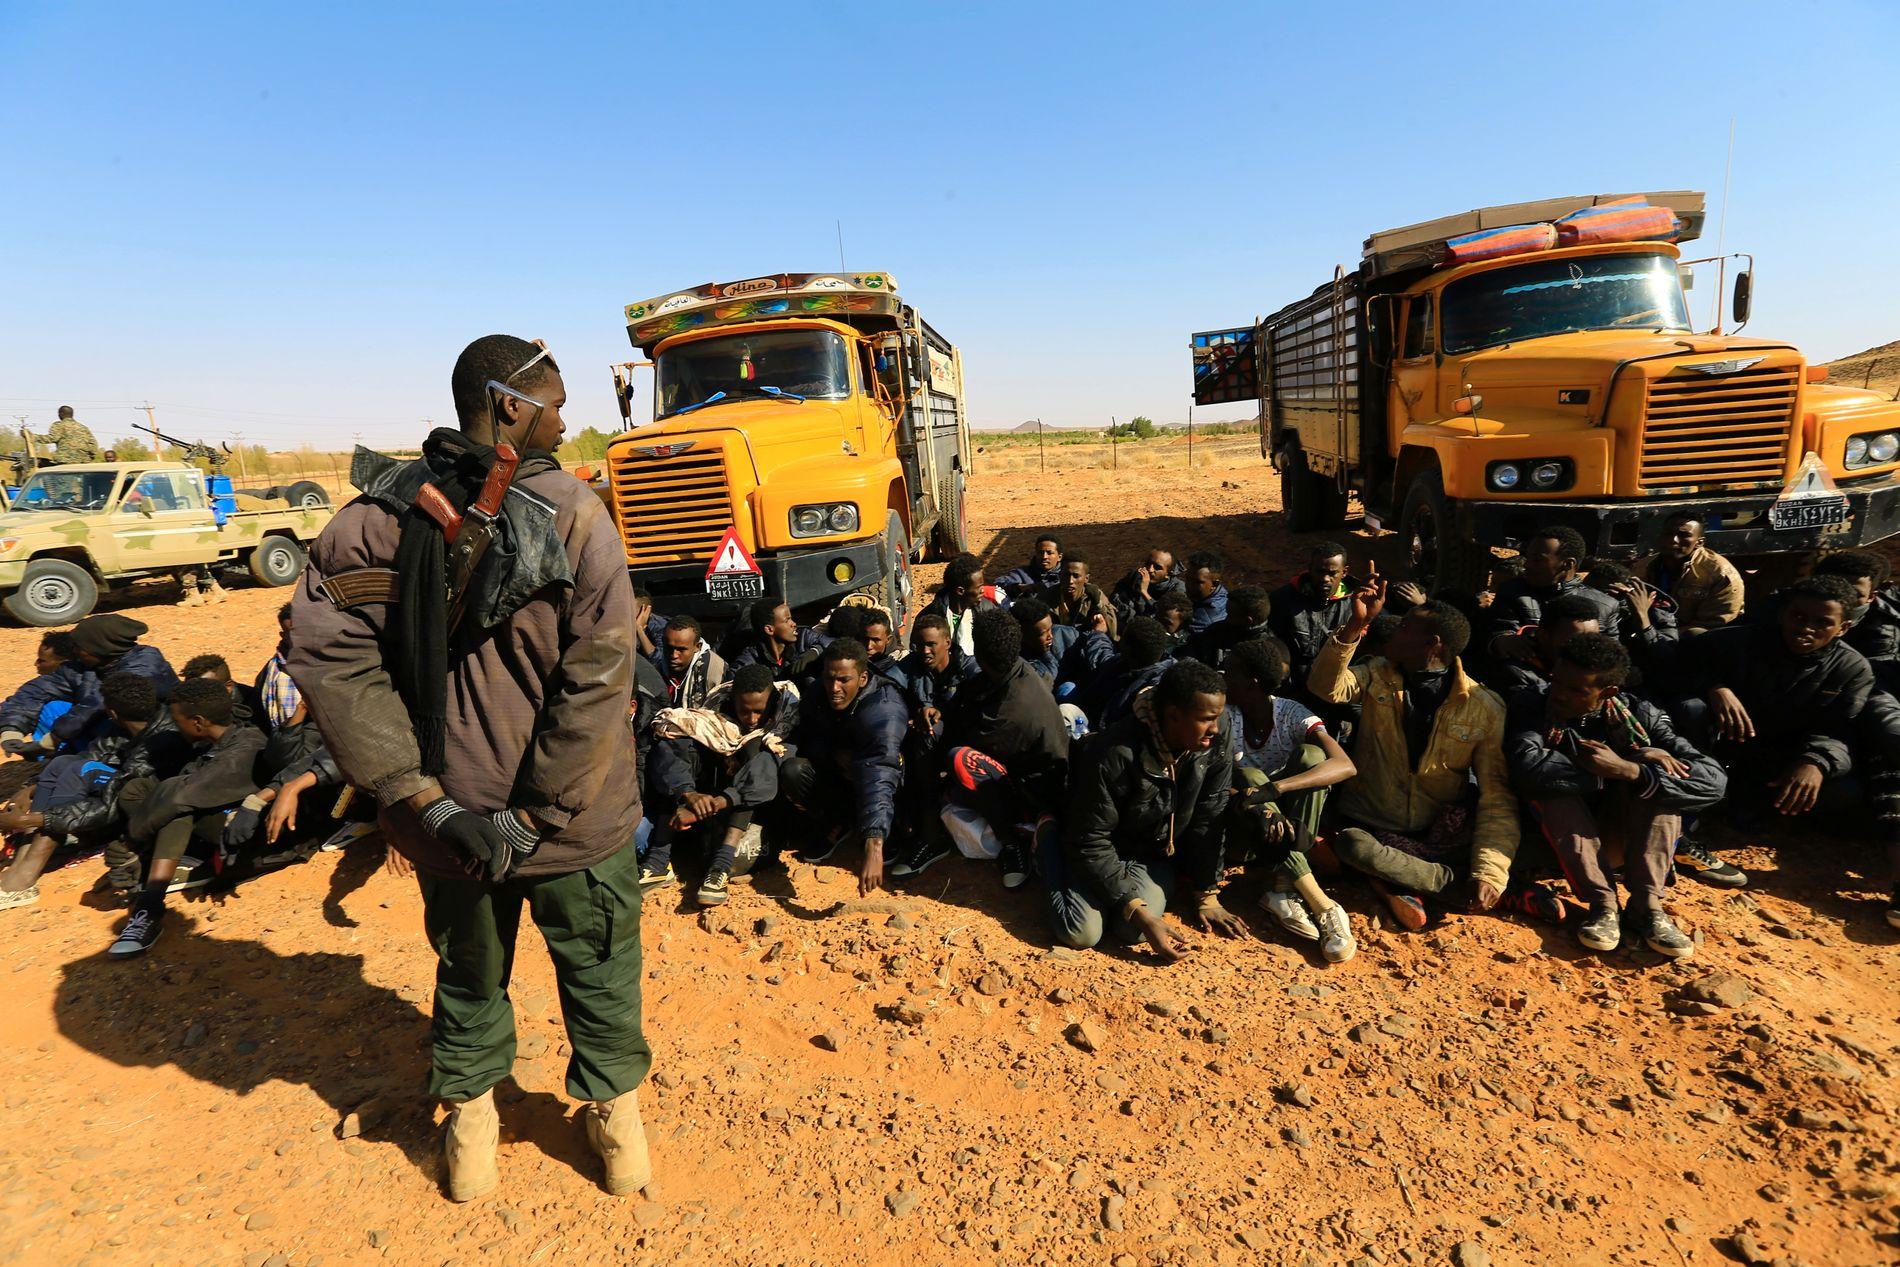 DOBBELTSPILL: I Sudan har migrasjonskontrollen for en stor del blitt utøvd av militser i allianse med regimet i Khartoum. De patruljerer grensen til Libya og gir seg ut for å stoppe migranter fra å dra nordover, mens de samtidig smugler folk inn i Libya i samarbeid med aktører på andre siden av grensen, skriver Gunnar M. Sørbø.